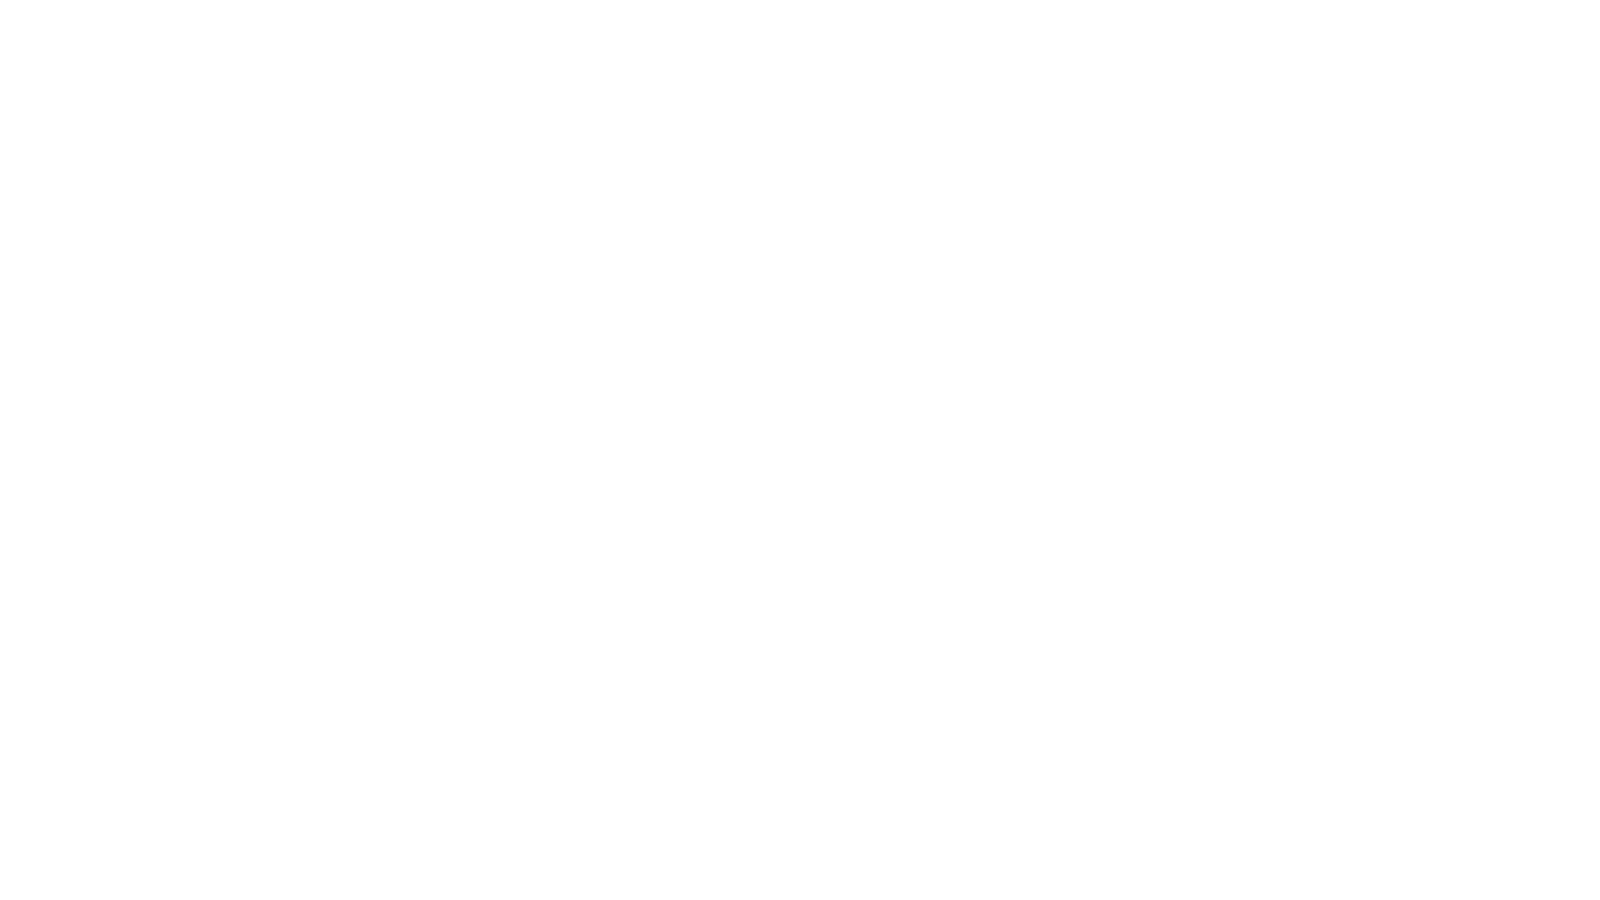 """برنامج: توقع معجزة: عنوان الحلقة: """" قوانين البركة، برنامج توقع معجزة يعرض فقط على قناة الكلمة وهو برنامج أسبوعي على الهوا مباشرة  للدكتور القس نبيل أسعد بمصاحبة د. ميرفت أسعد زوجته يناقش موضوعات إيمانية وصلاة مع المداخلات كل يوم أربعاء الساعة 8 مساء بتوقيت نيوجيرسي."""